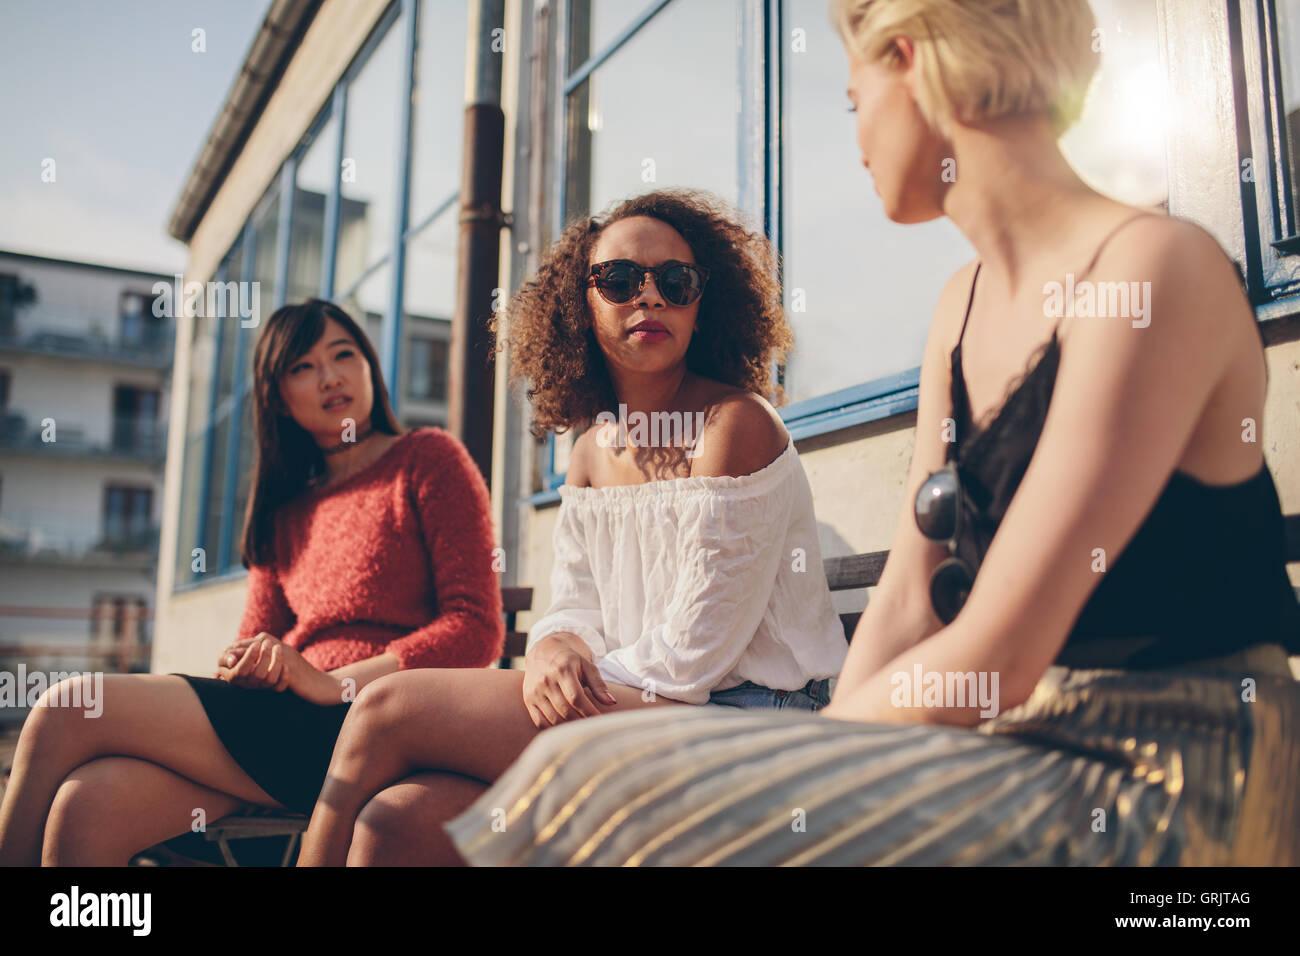 Tre giovani amici di sesso femminile incontro all'esterno. Multirazziale del gruppo di giovani donne seduti Immagini Stock